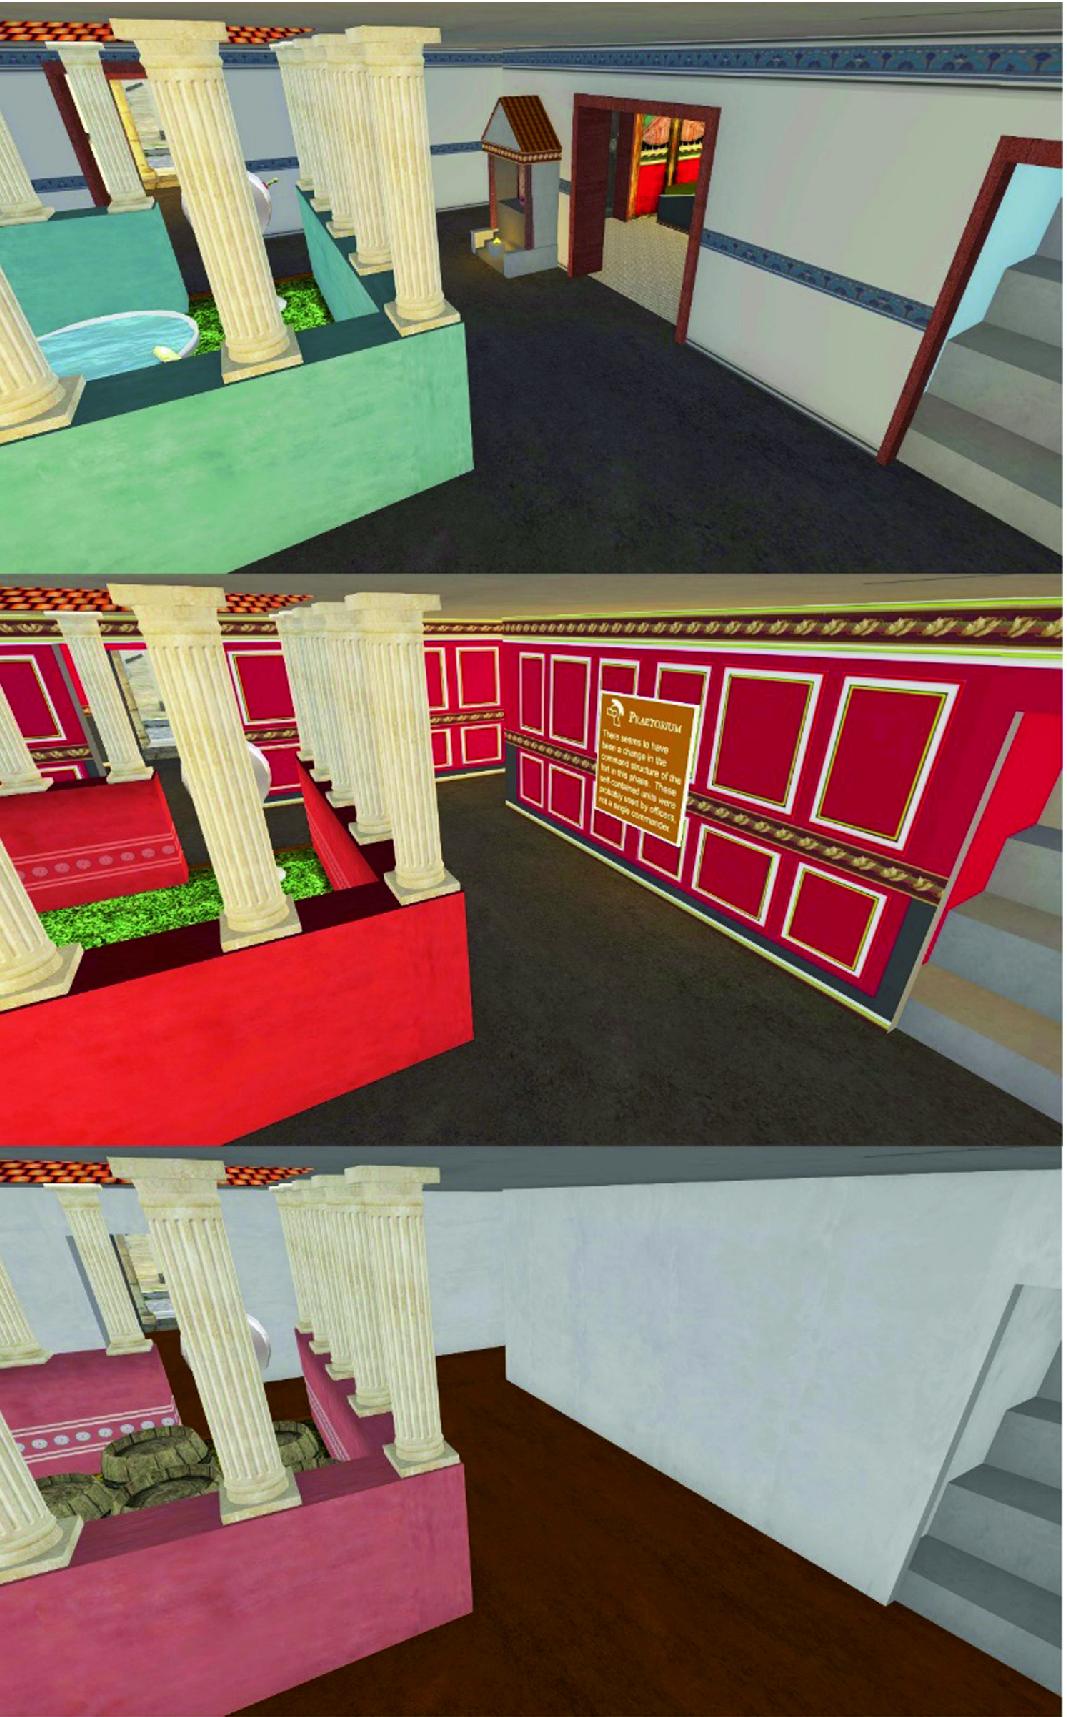 Virtual World Representation of Family Homes | SpringerLink